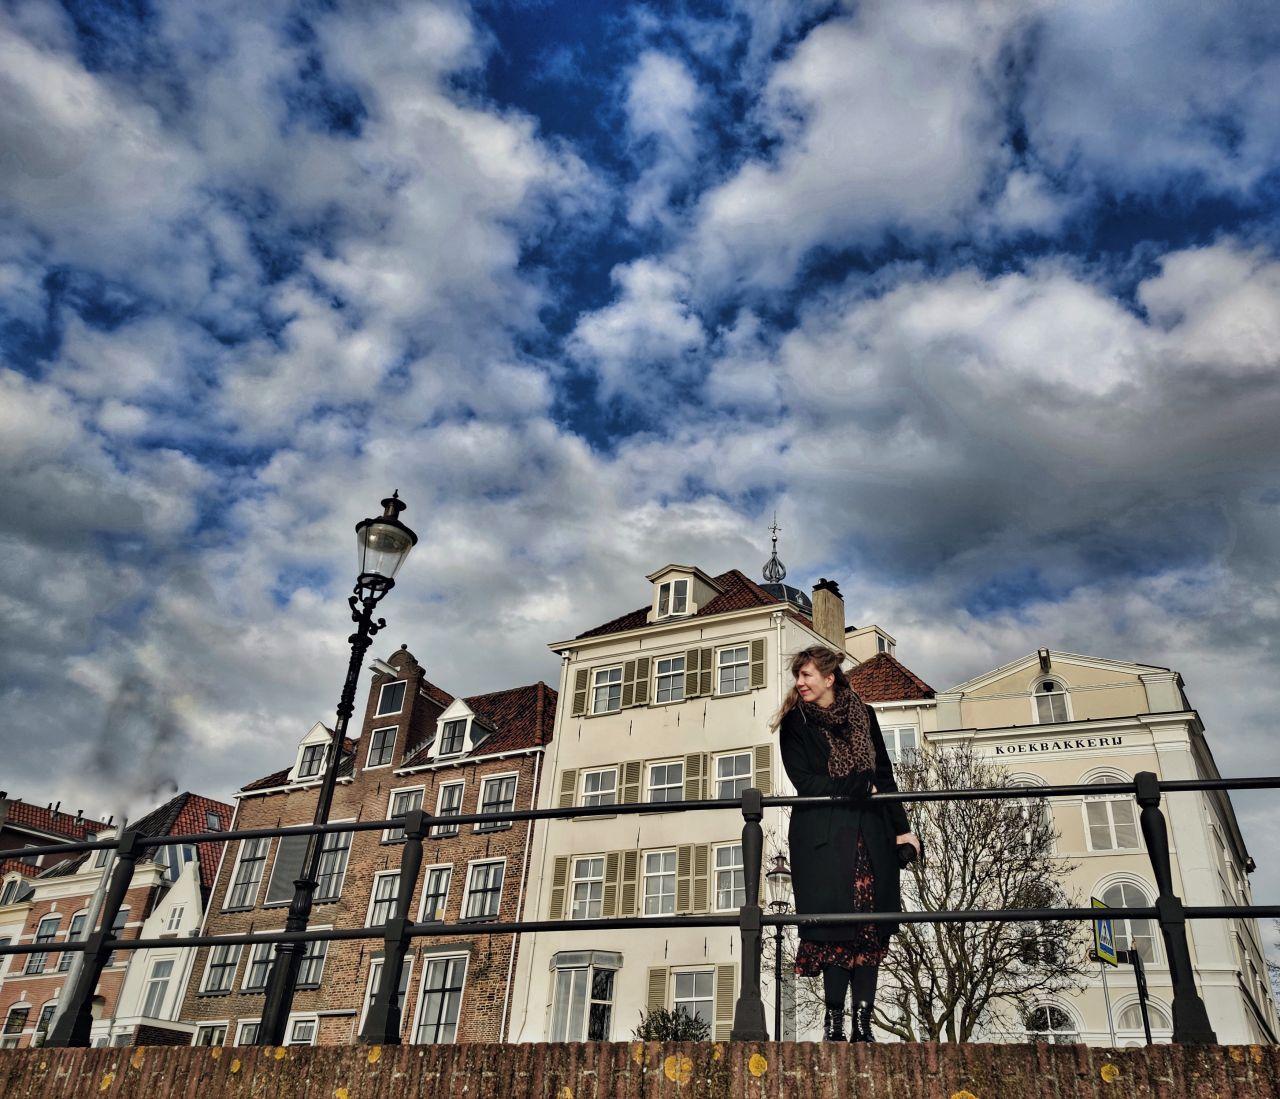 Deventer hanzestad stedentrip IJssel